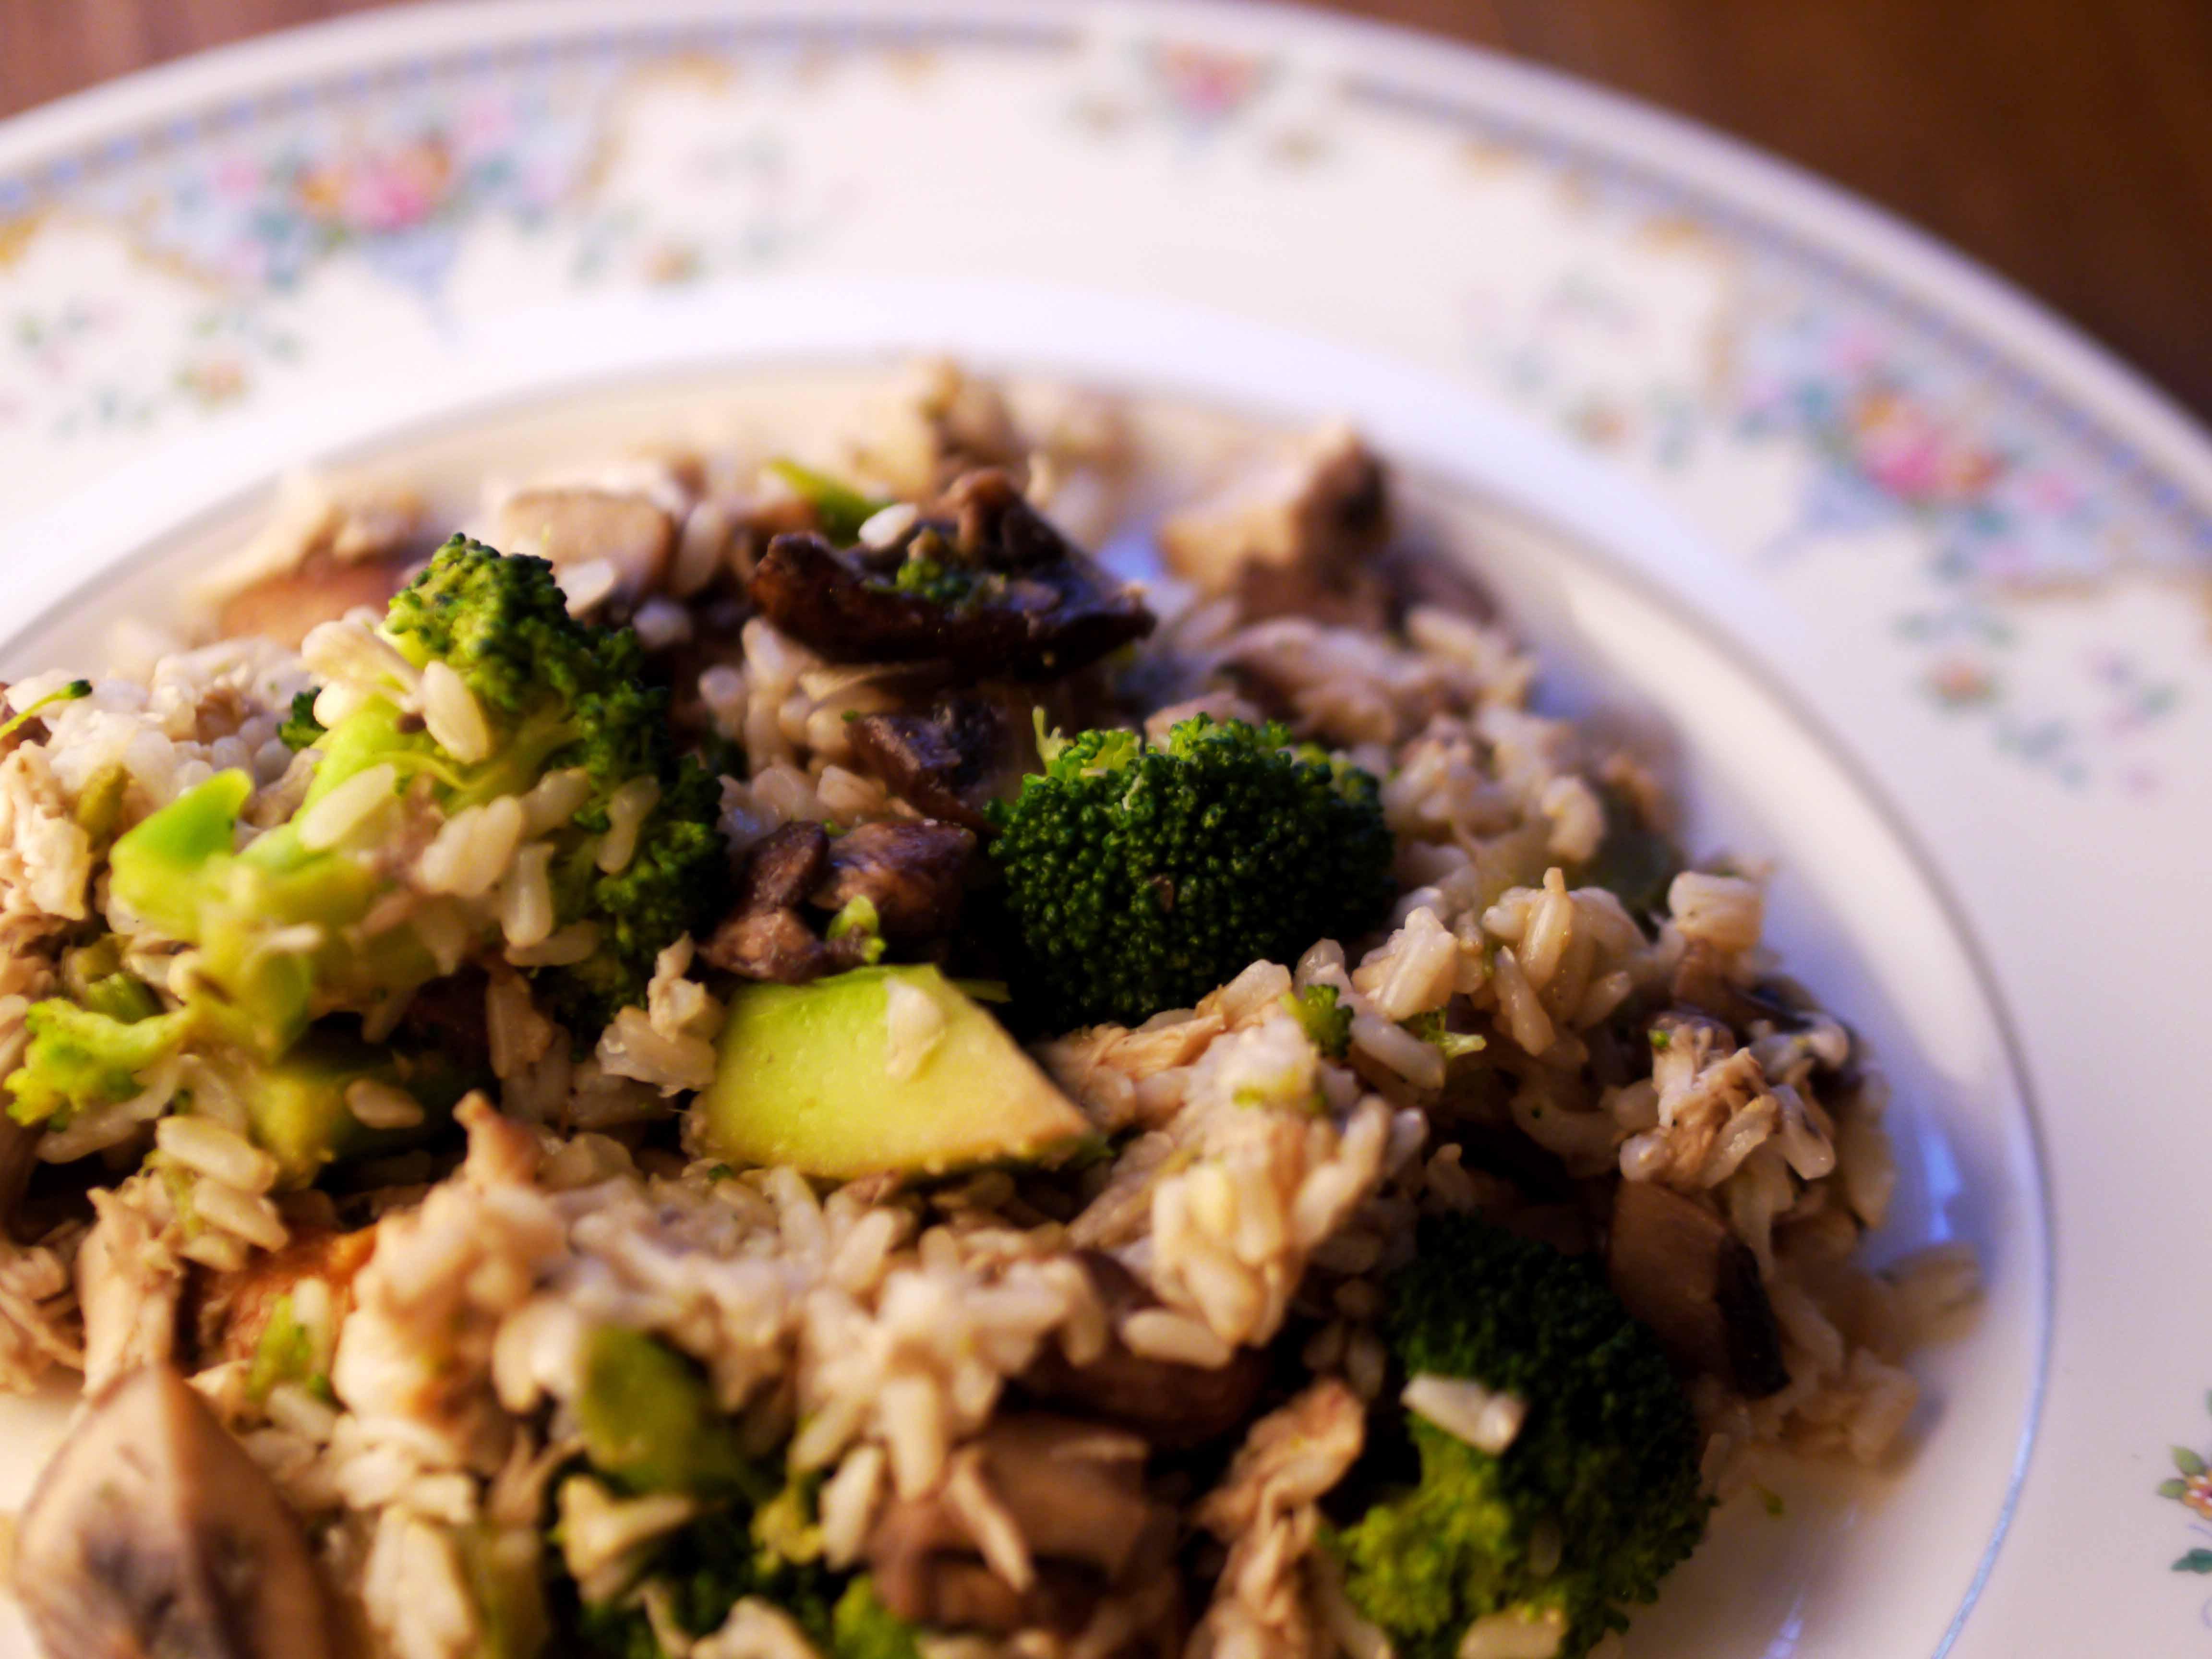 Joe's Weight-Loss Chinese Chicken & Veggies